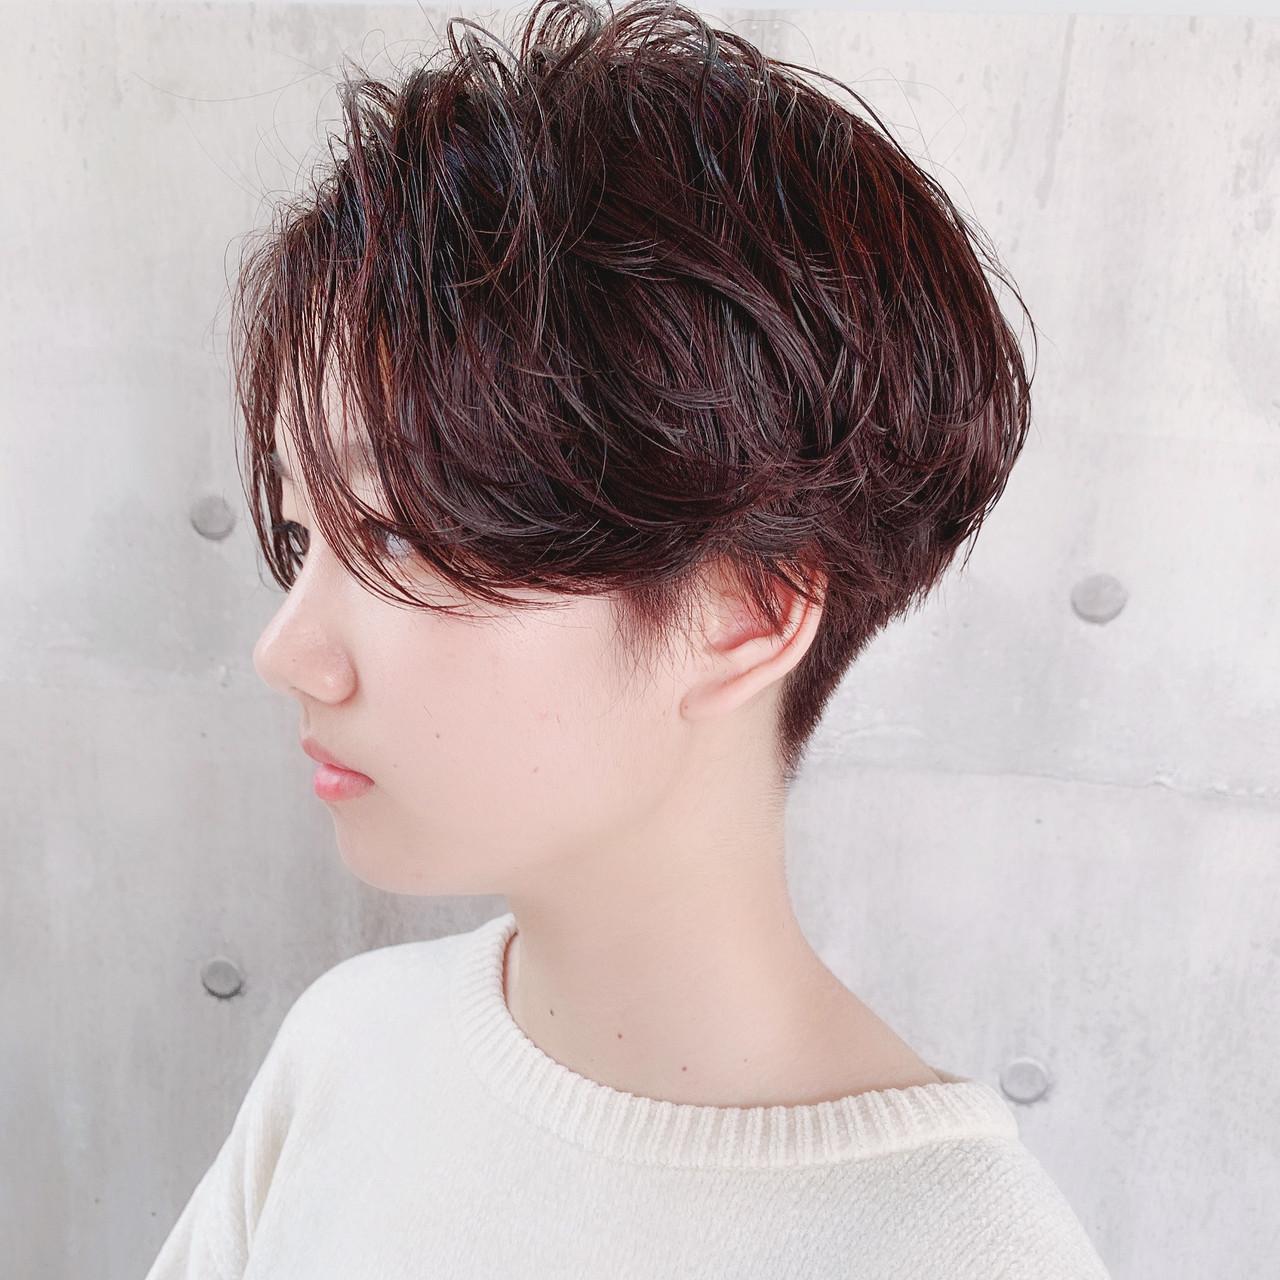 ナチュラル 小顔ショート 簡単ヘアアレンジ 刈り上げ女子 ヘアスタイルや髪型の写真・画像